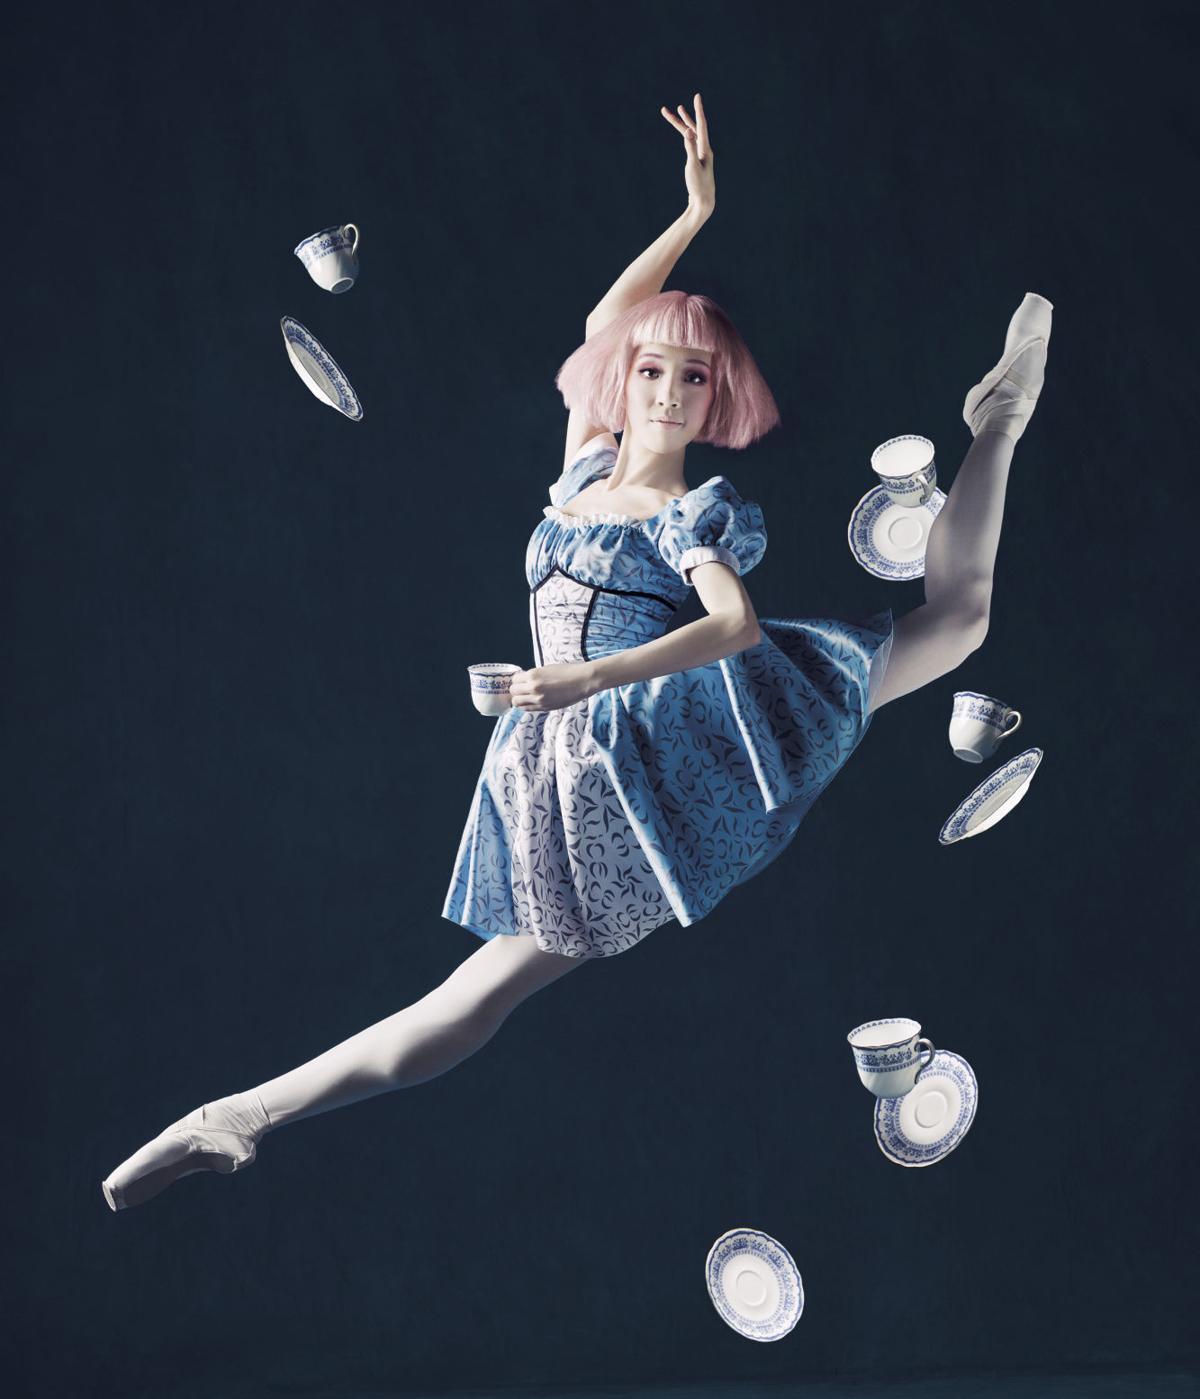 ALICE(Alice)-2-28-18_hkb_0696-3MB.jpg